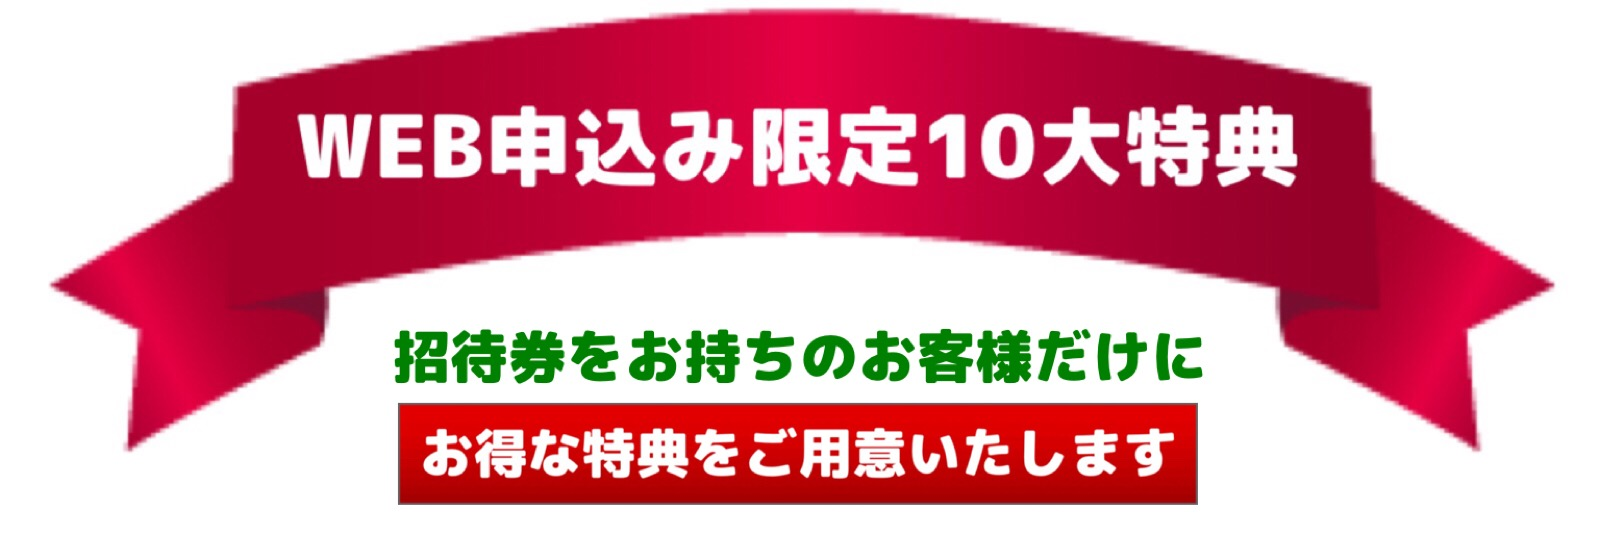 カリモク仙台イベント特典